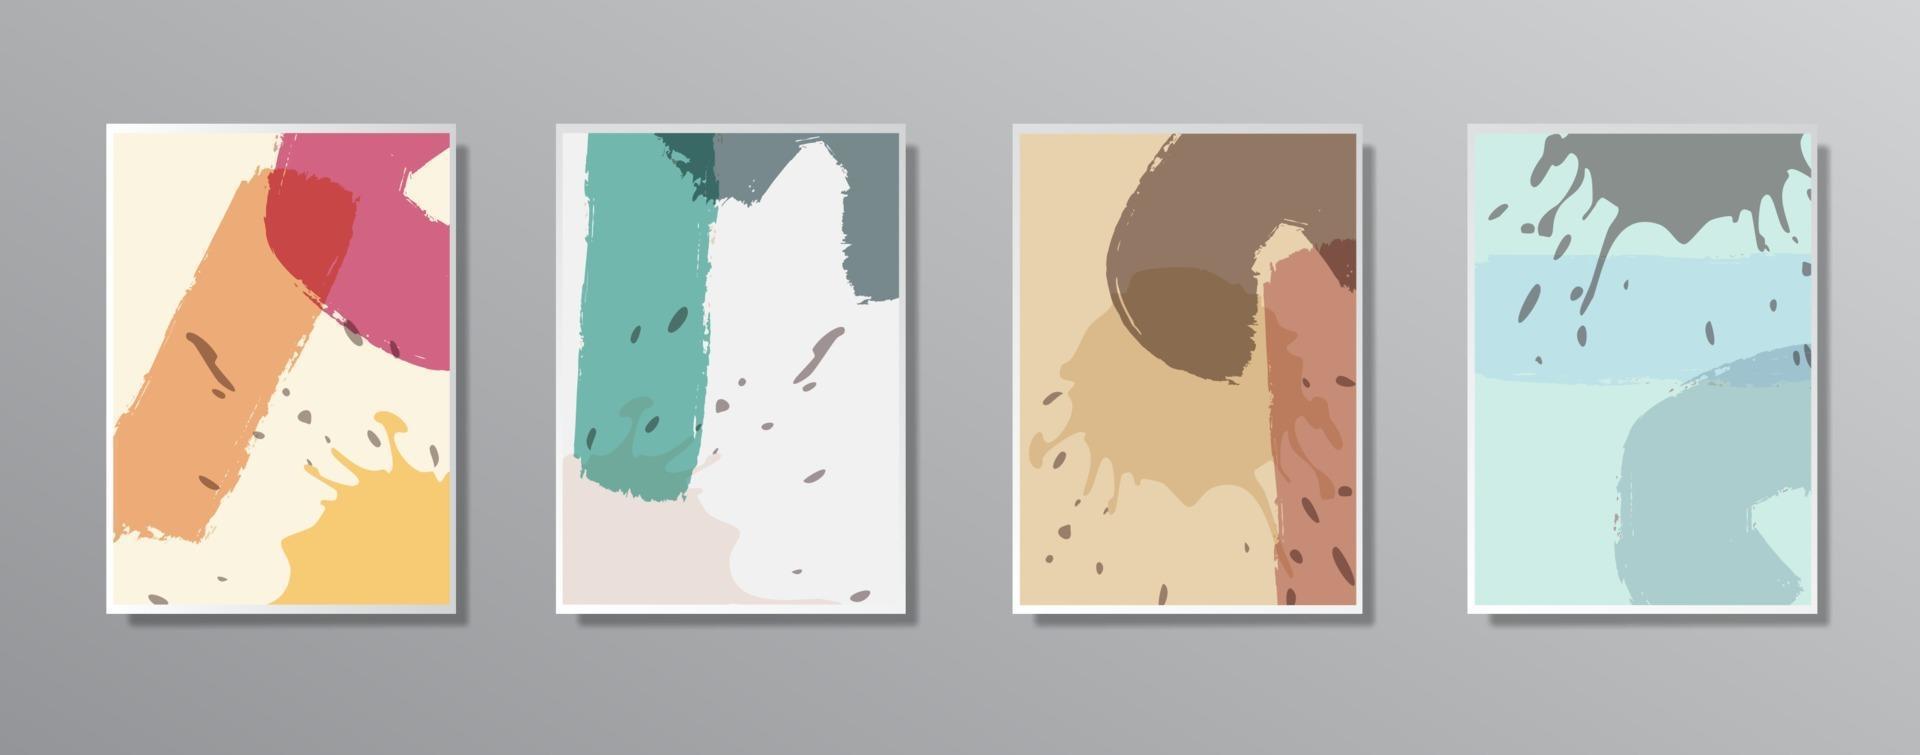 Satz kreative minimalistische handgezeichnete Vintage neutrale Farbillustrationen für Wand. für Geschenkkarte, Poster an Wand Poster Vorlage, Landing Page, UI, UX, Coverbook, Baner, vektor